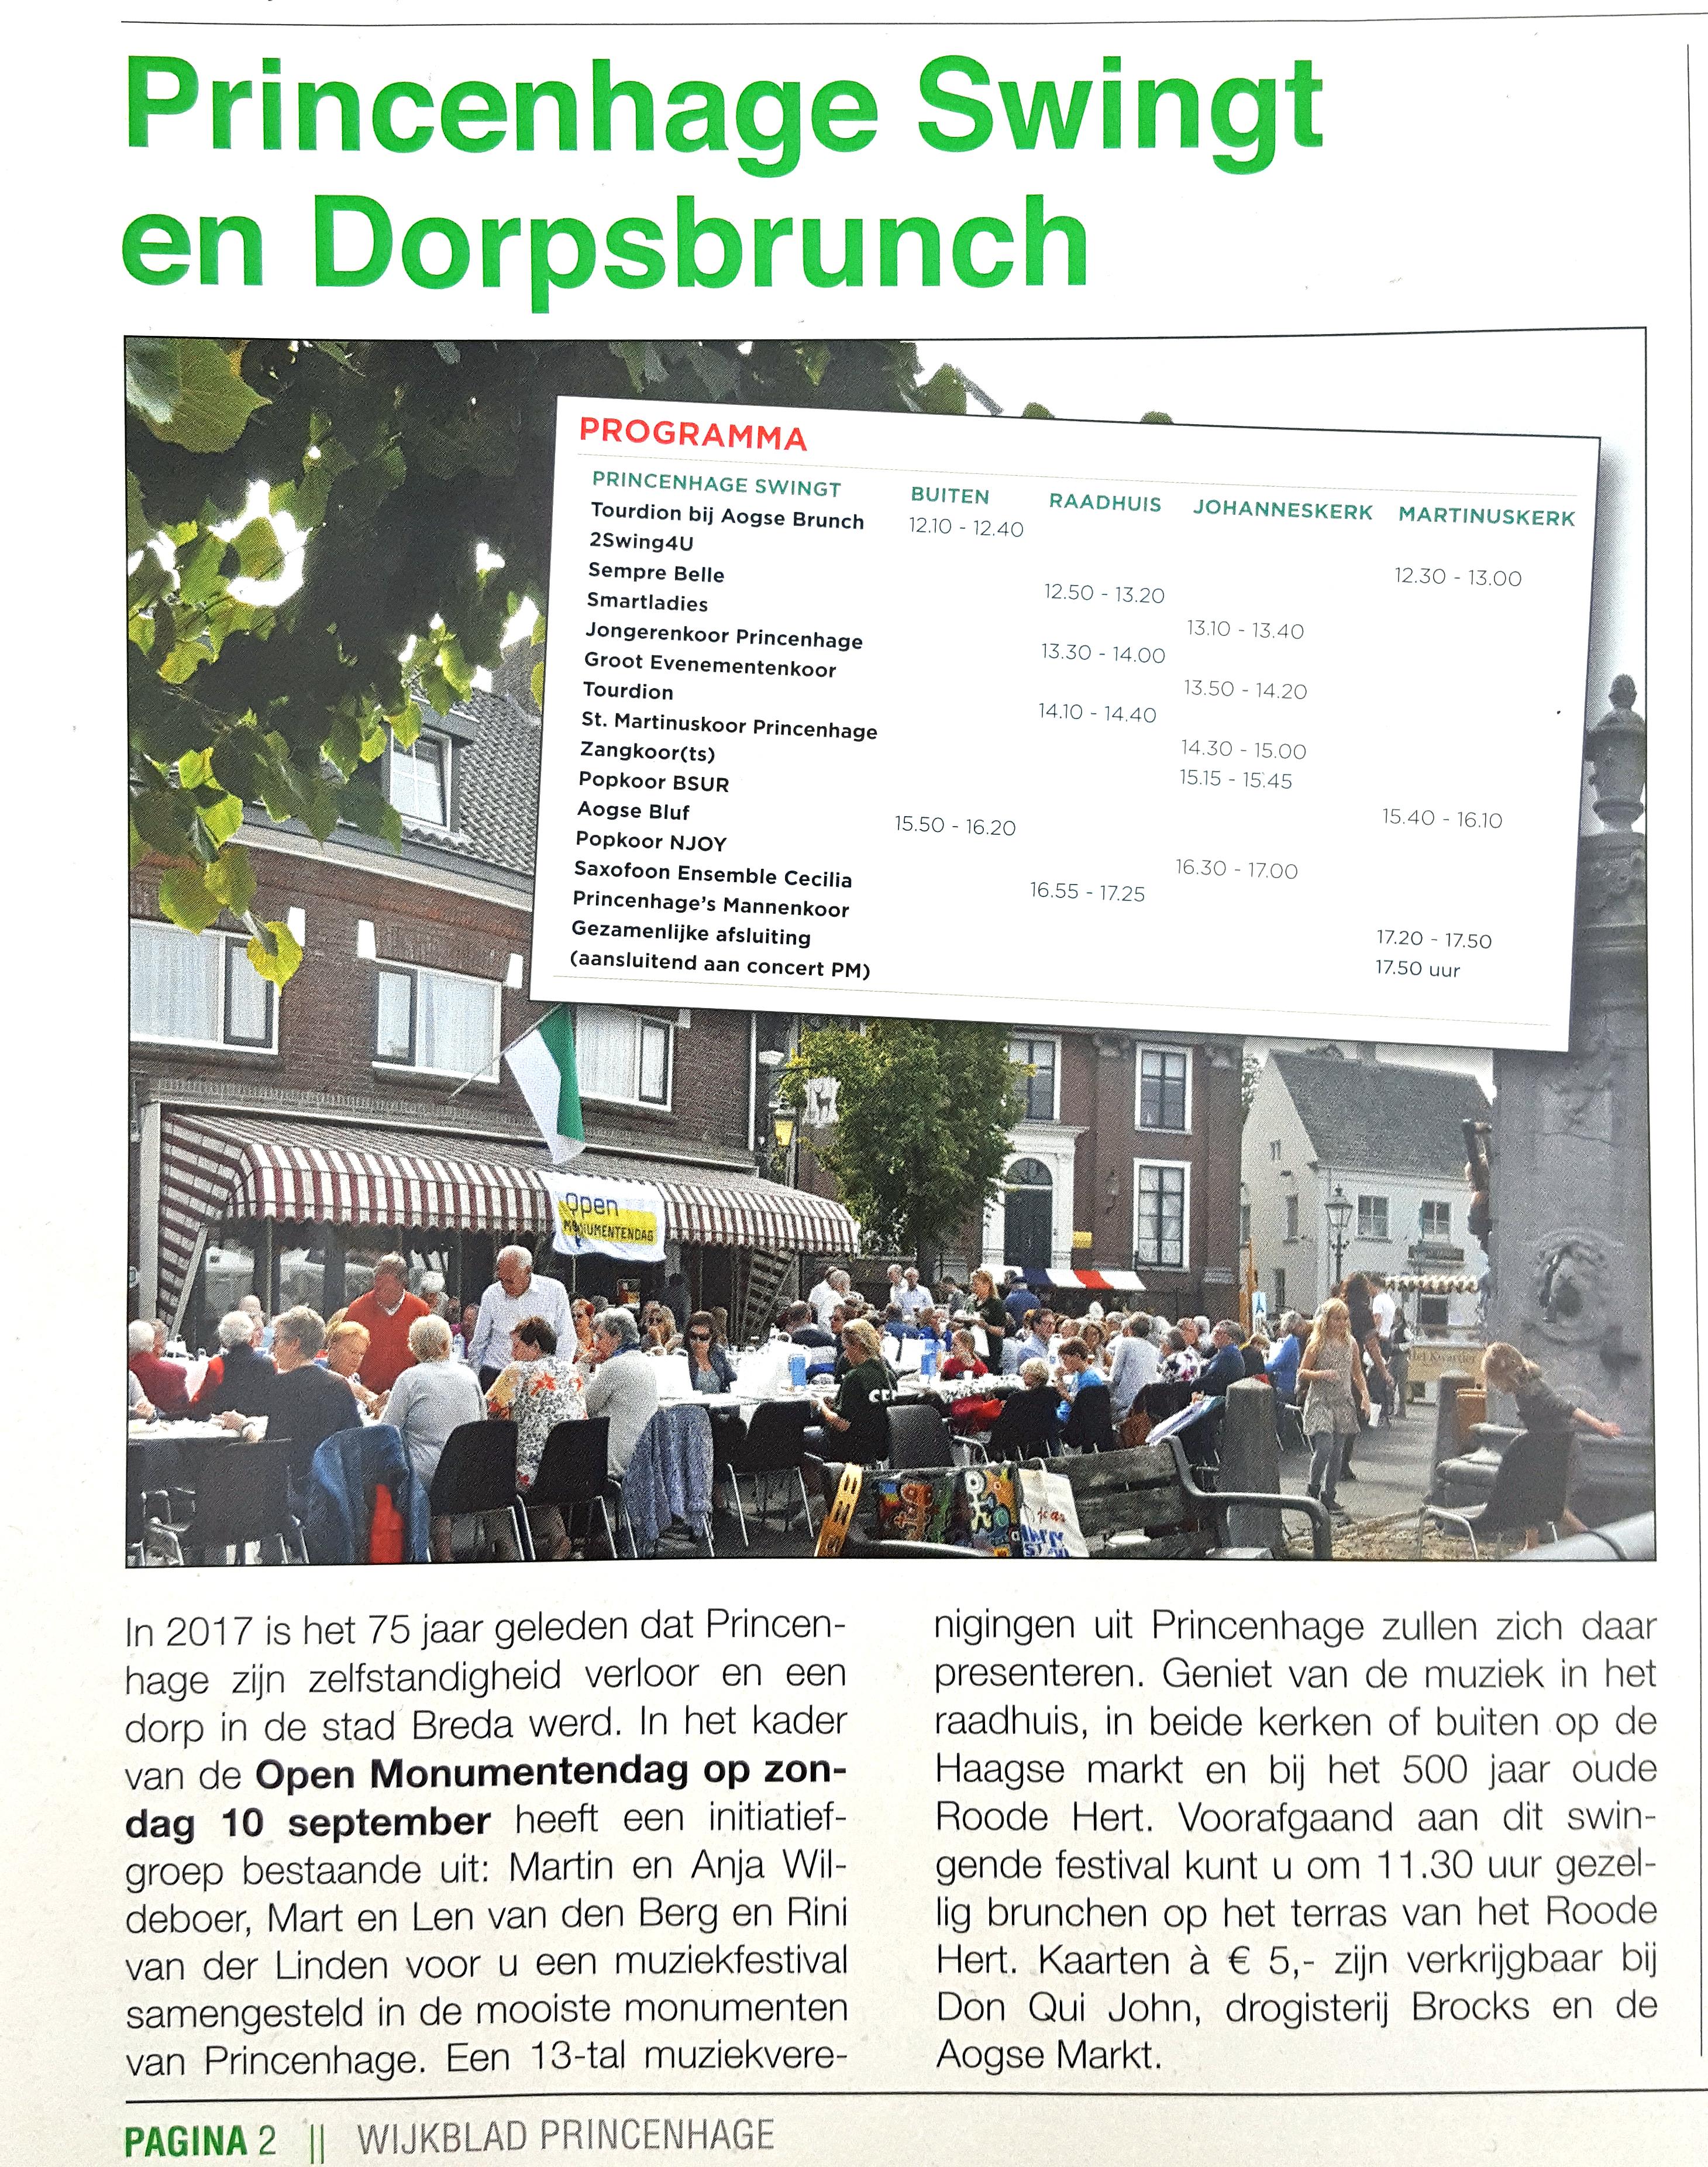 popkoor-njoy-2017-09-wijkblad-princenhage